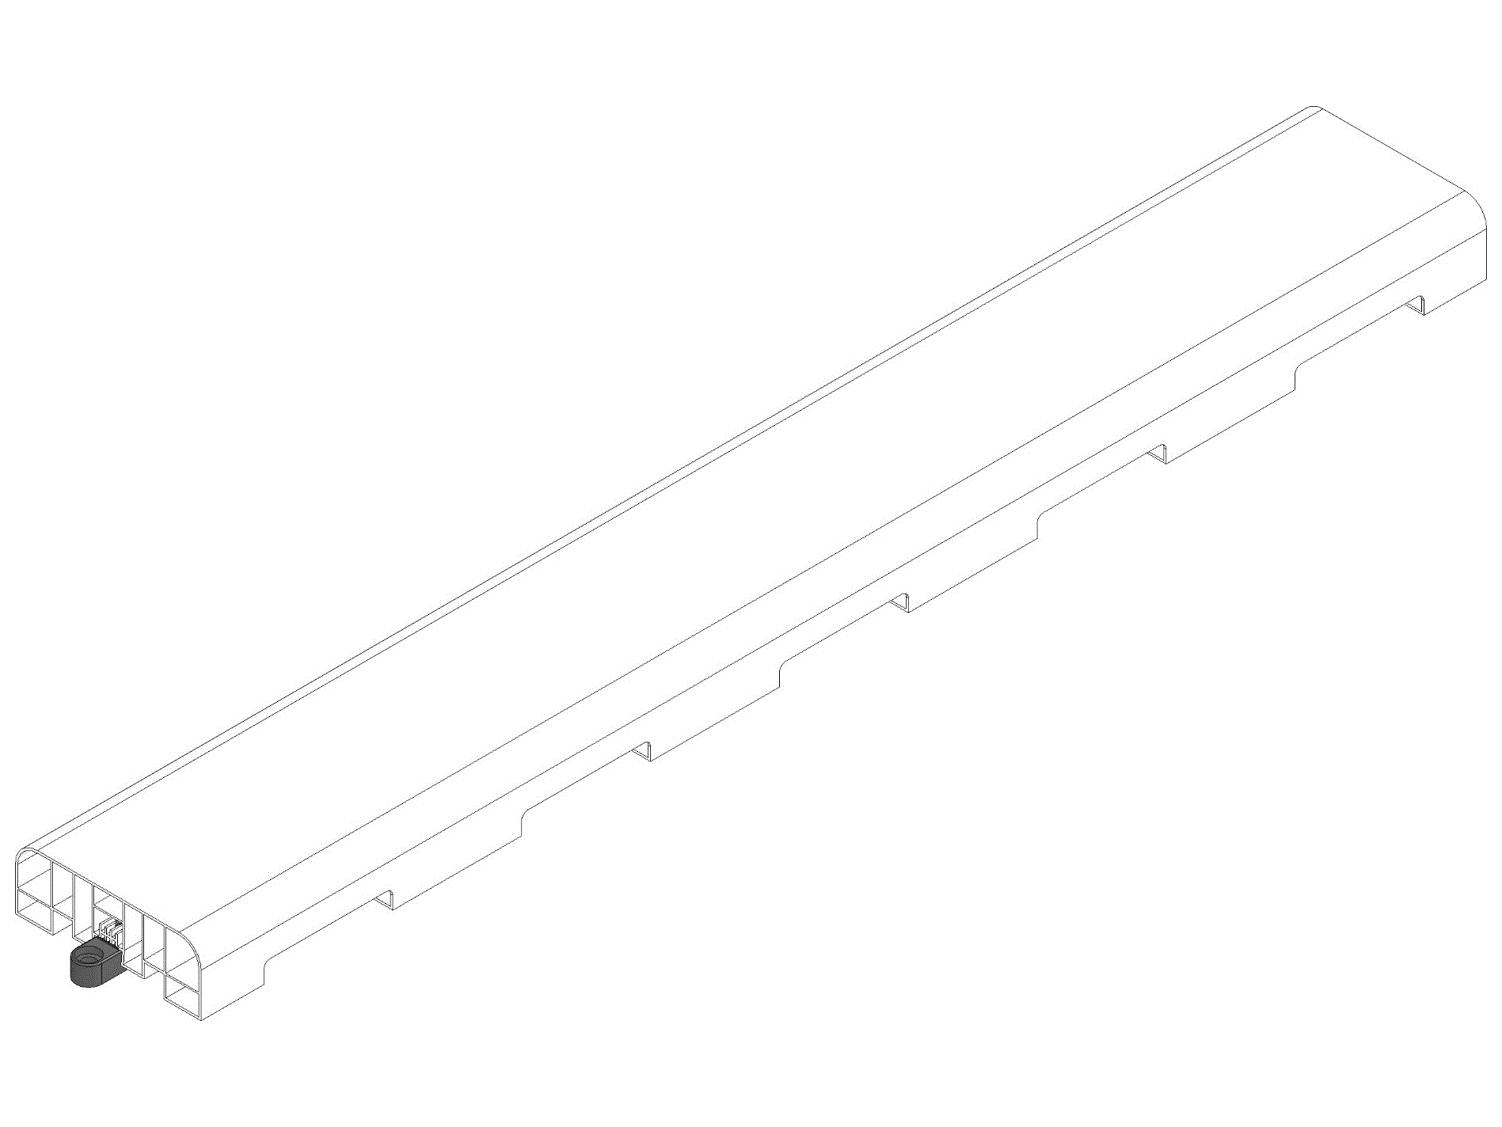 50130_Produktdarstellung